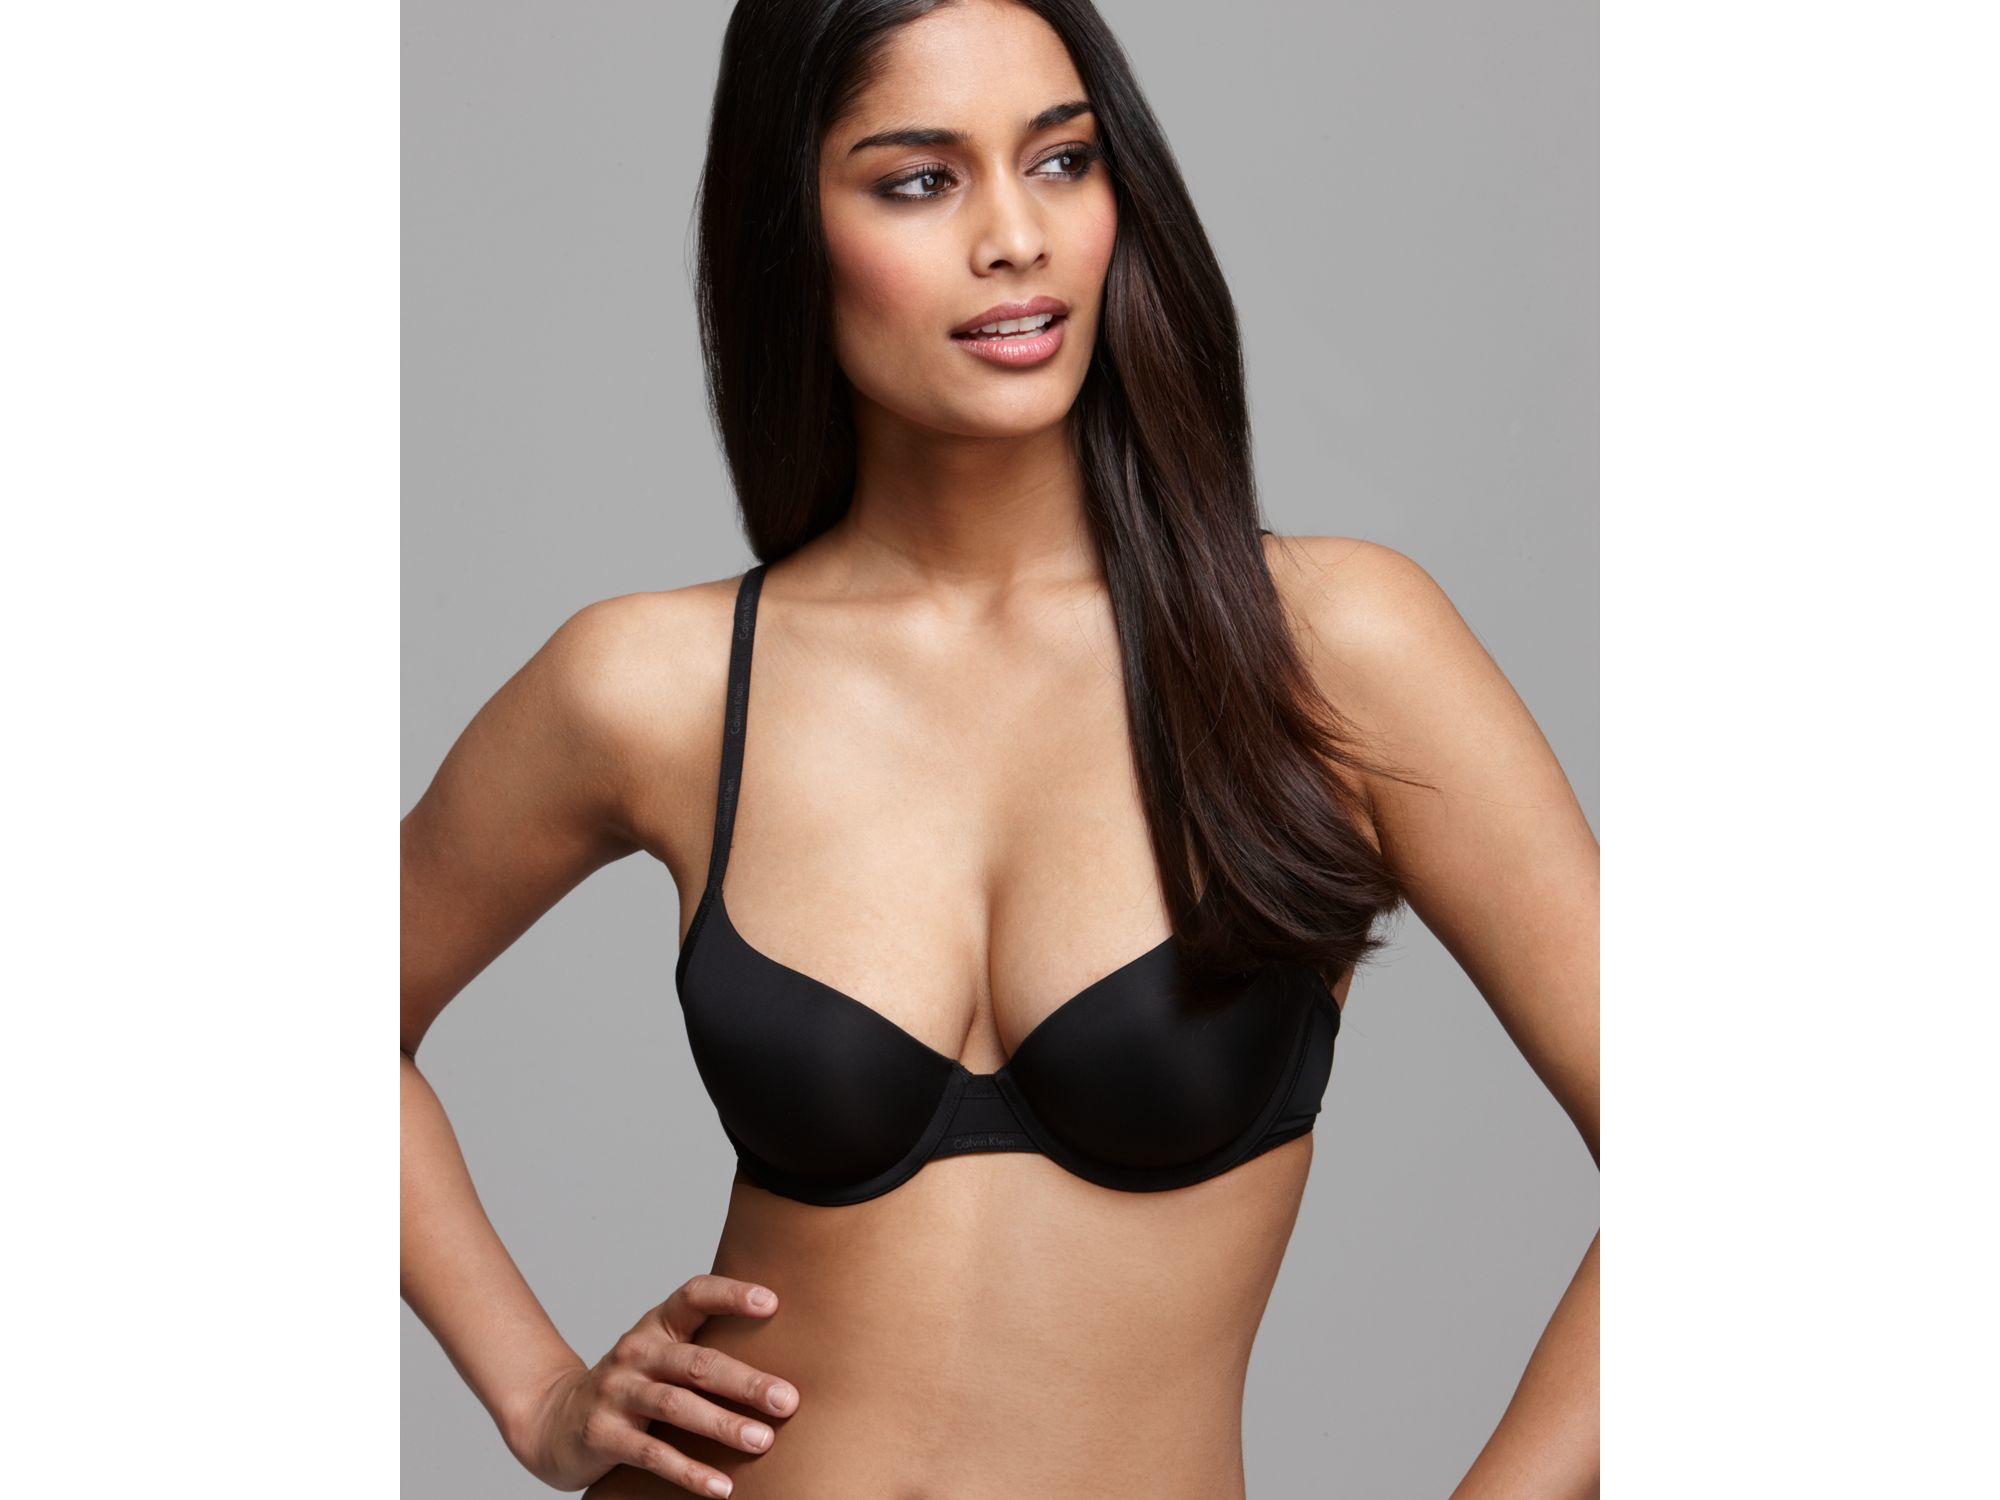 0fec868d5f64f Calvin Klein Demi Bra - Sexy Signature  f3262 in Black - Lyst